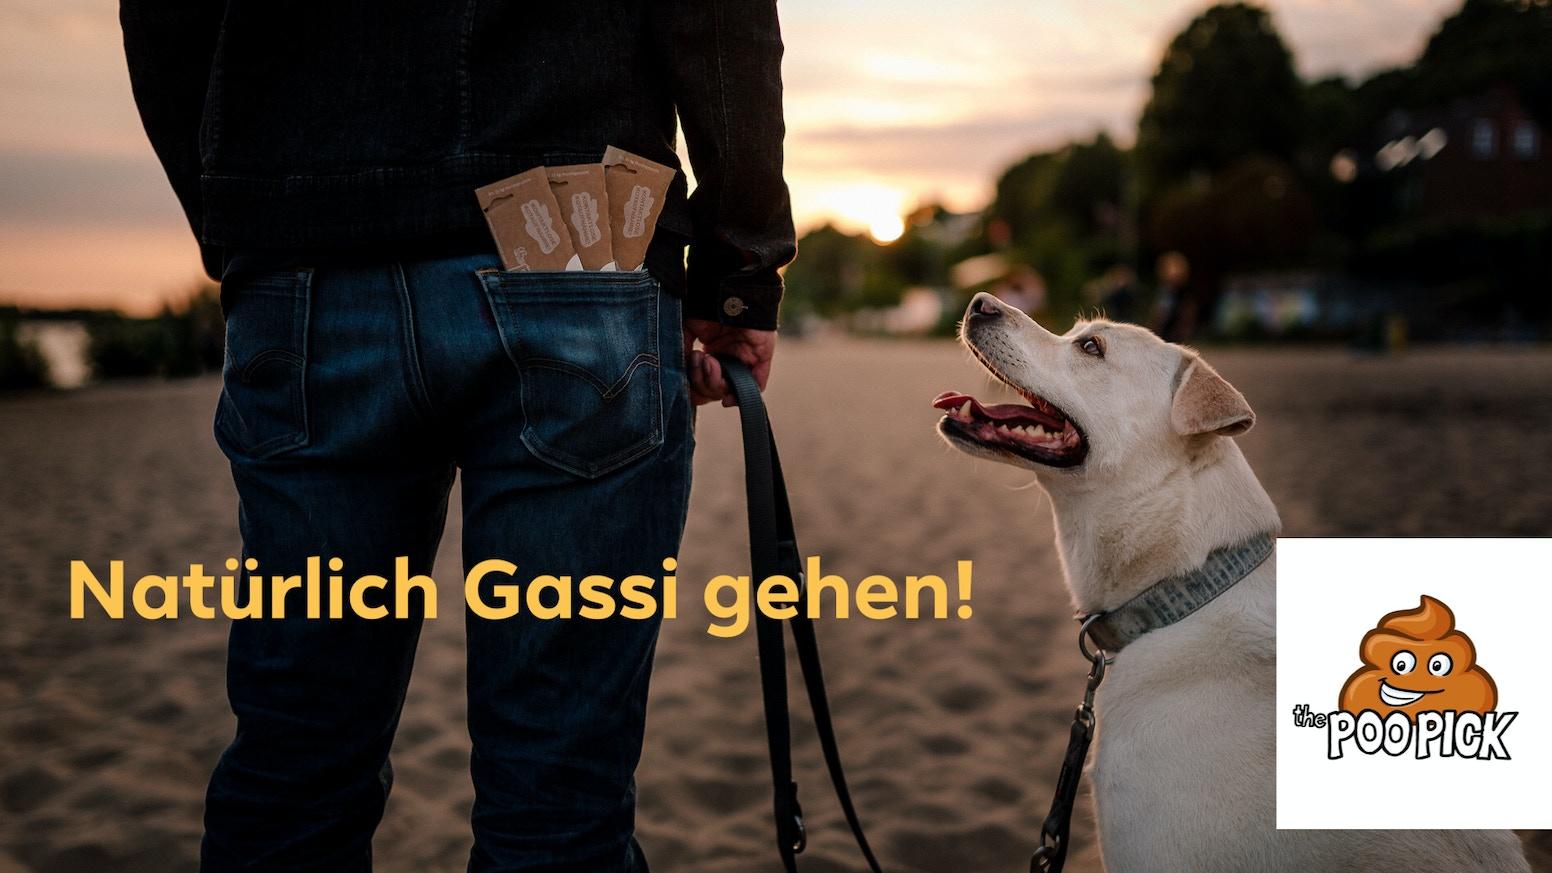 Mit dem PooPick bieten wir Hundebesitzern die Möglichkeit Hundekot ohne Plastik und ohne Berührung aufnehmen zu können.